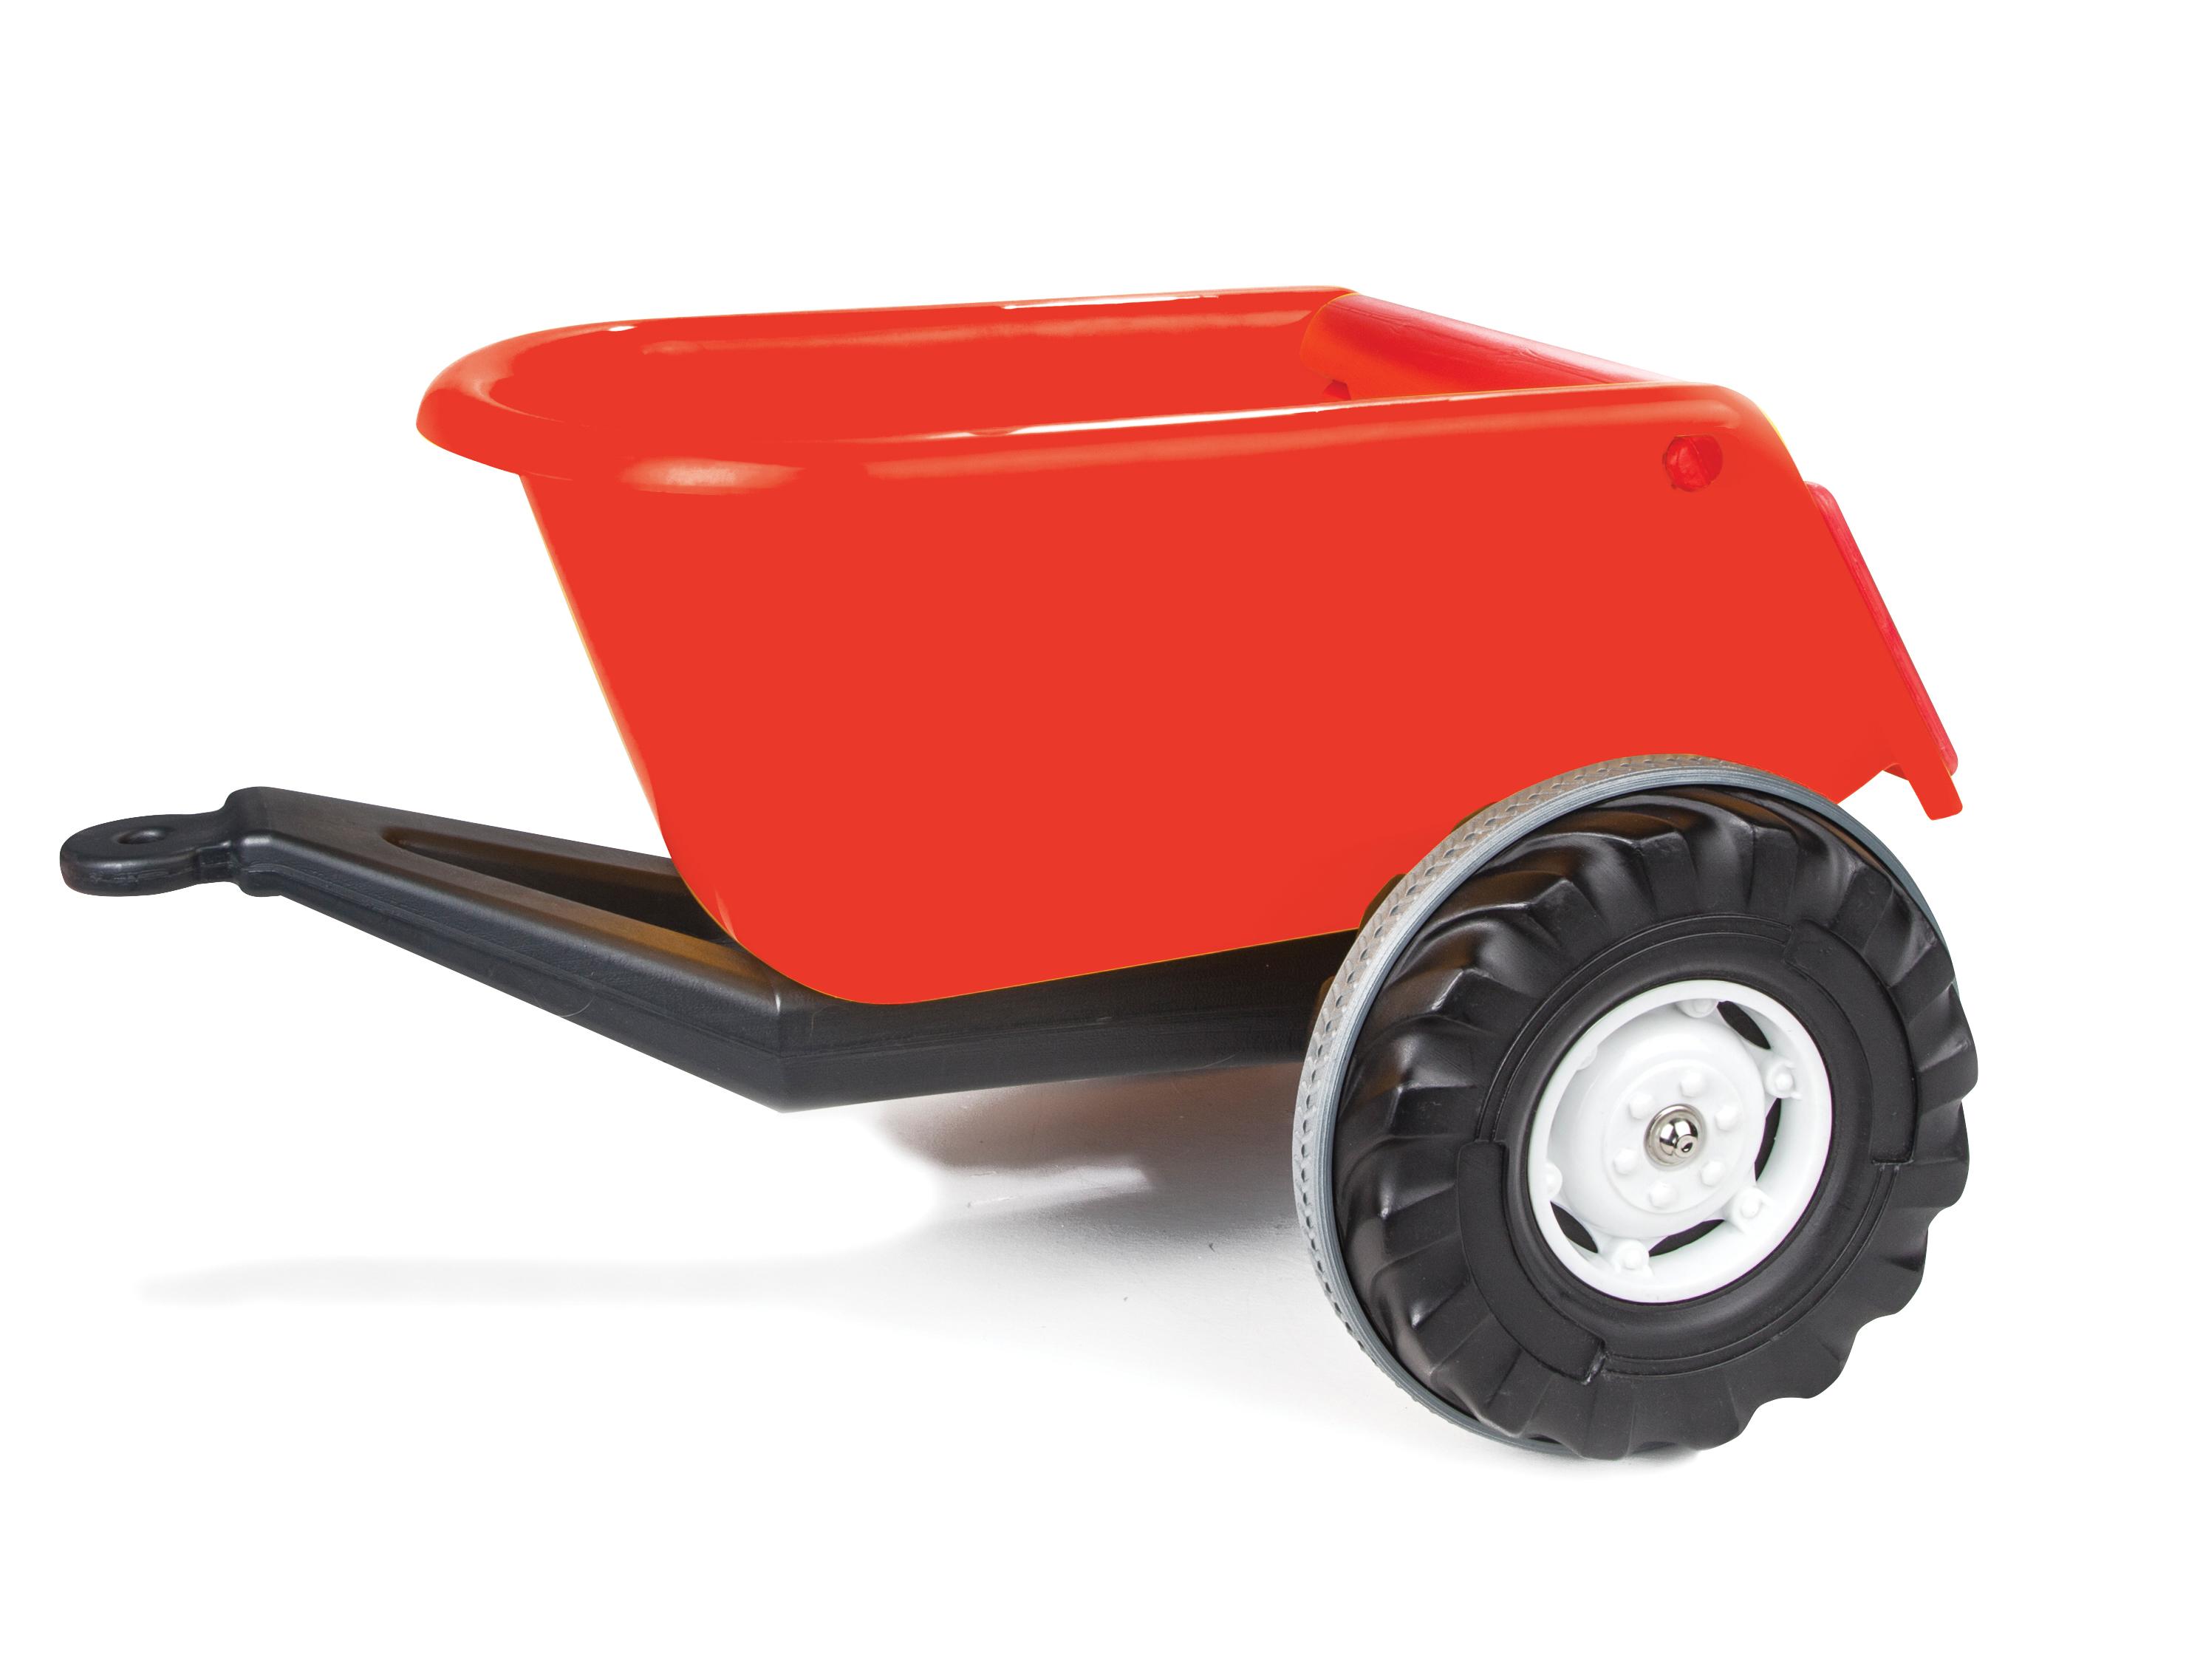 Прицеп для педального автомобиля  Trailer - Педальные машины и трактора, артикул: 160622